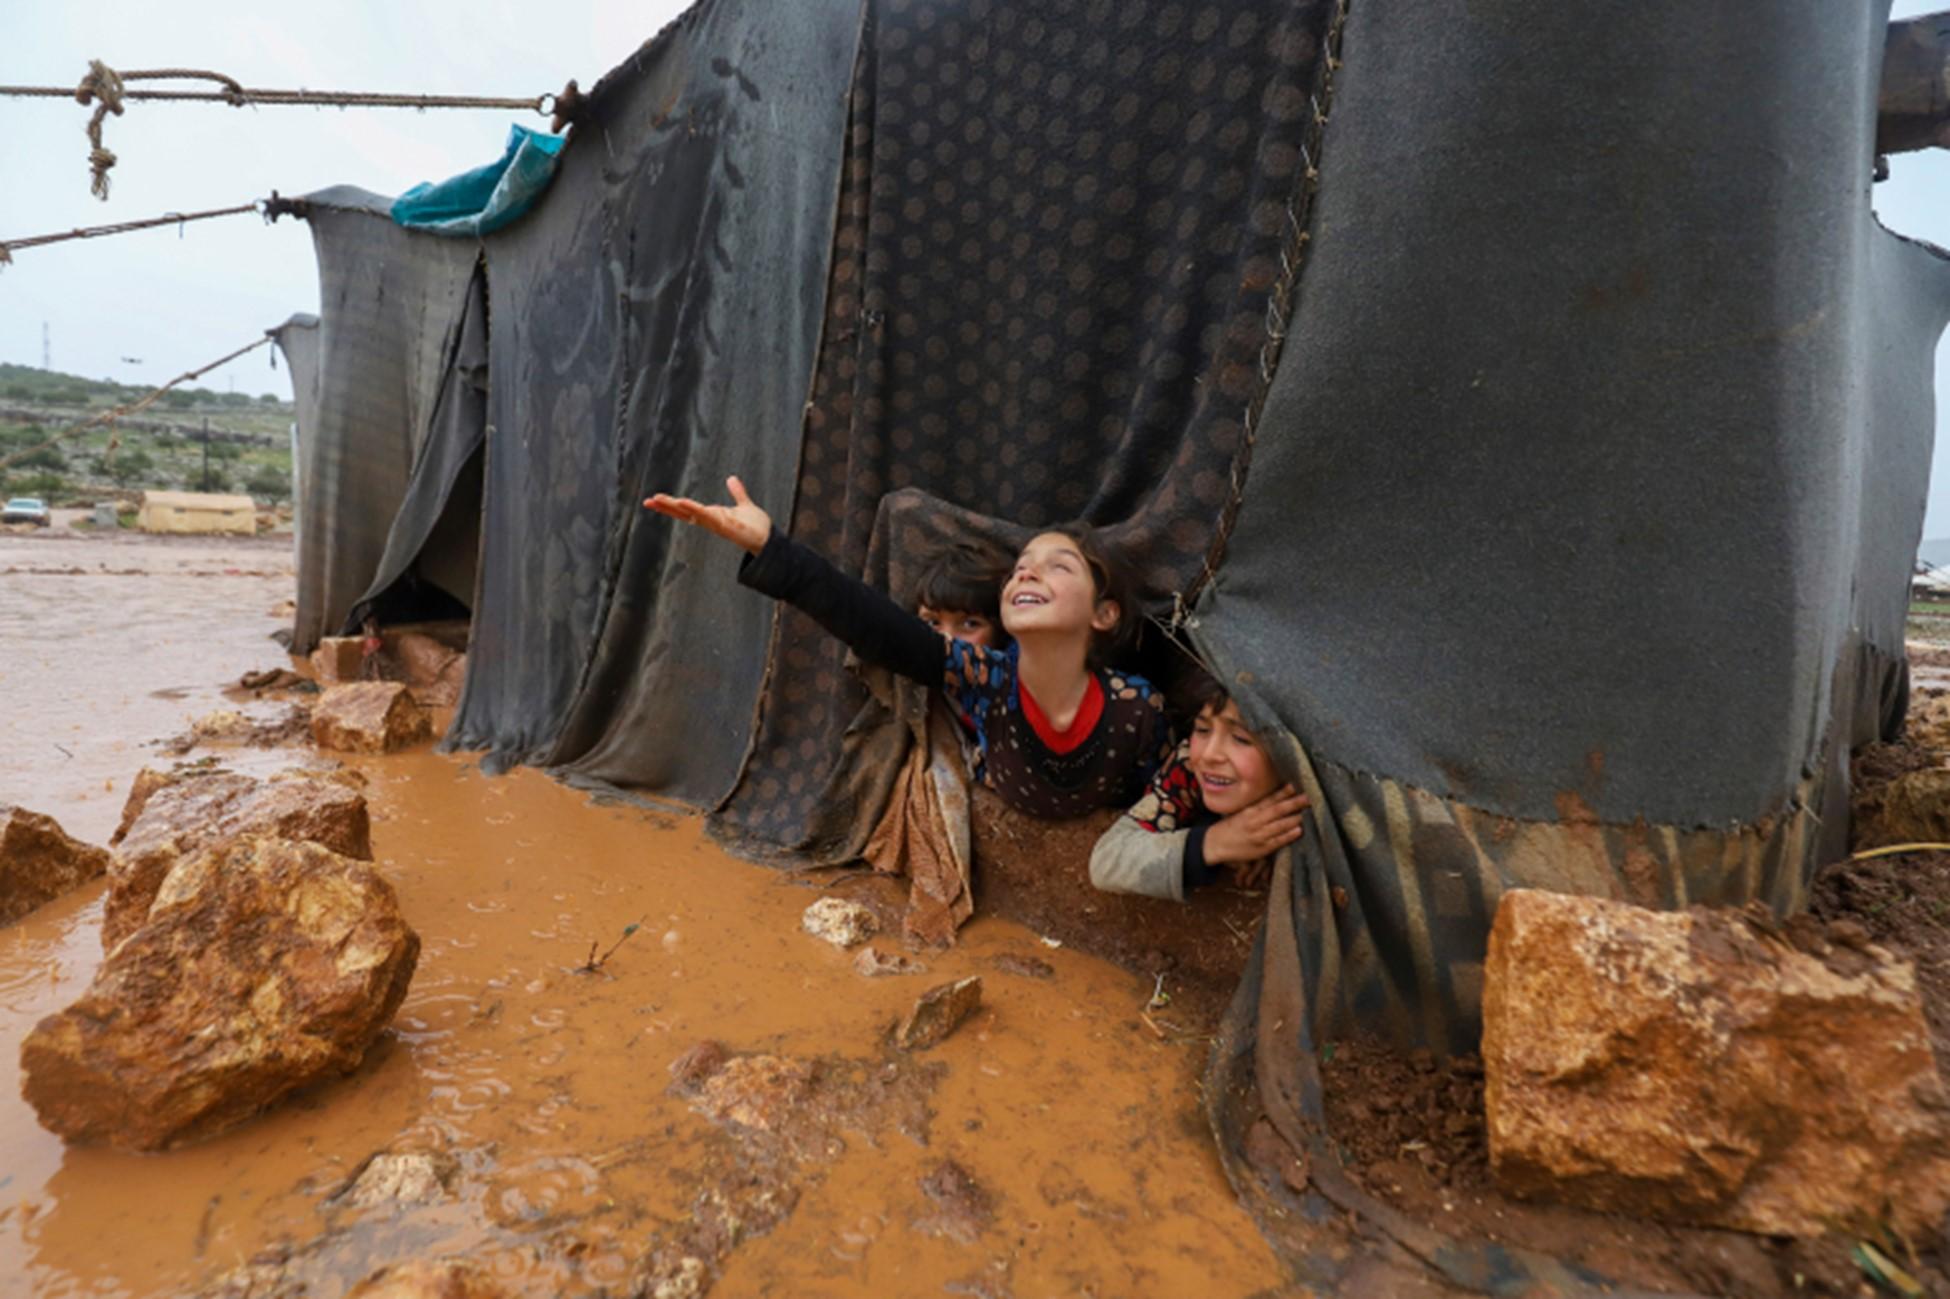 Puluhan ribu orang terkena dampak banjir dahsyat, banyak yang terpaksa tidur di udara terbuka setelah hancurnya tenda darurat.